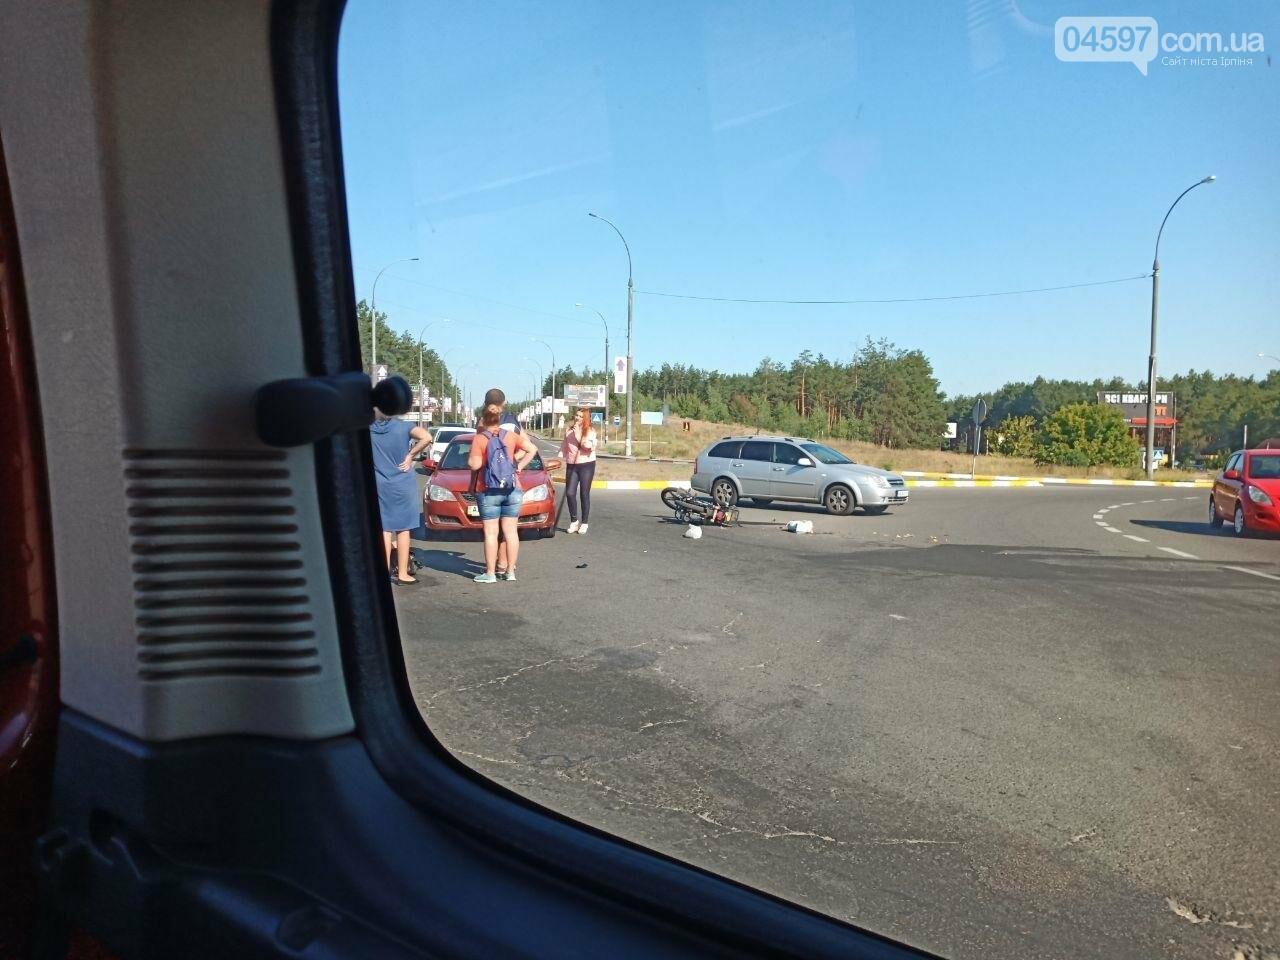 На в'їзді в Ірпінь сталося ДТП, постраждав водій мопеда, фото-3